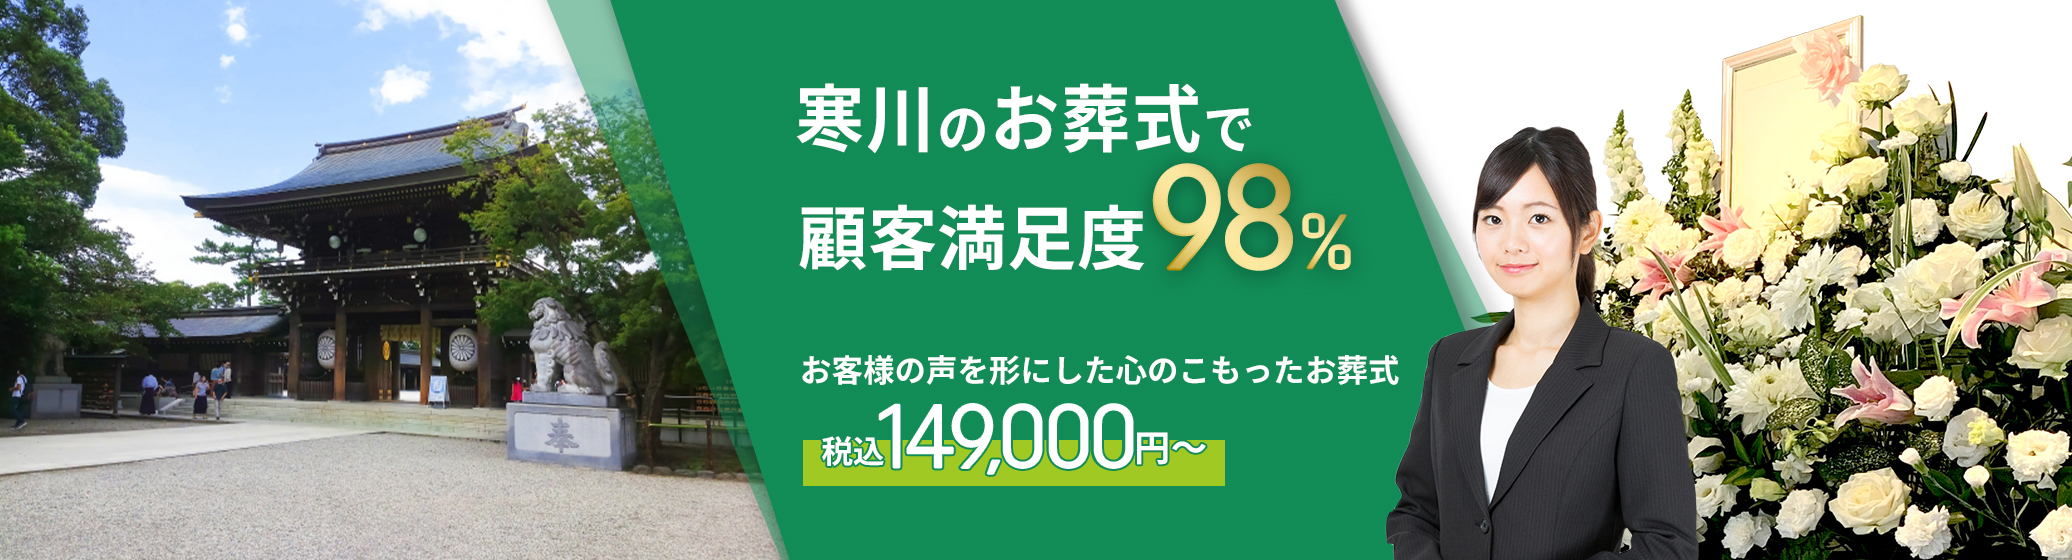 寒川町で葬儀をお考えの方へ安心価格で納得のお葬式が定額プラン・葬儀に必要なものすべて含んで140,000円(税込)